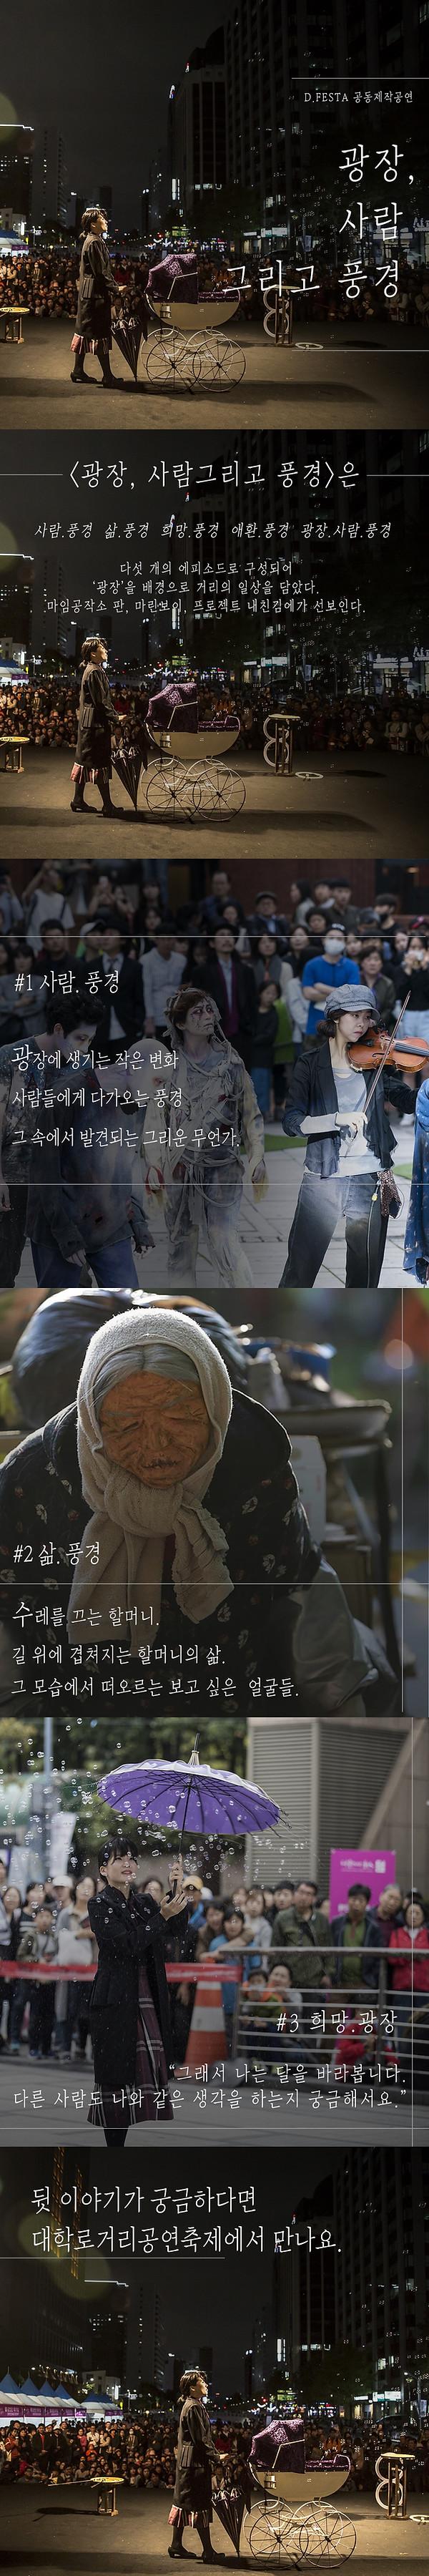 광장, 사람 그리고 풍경_이현승.jpg